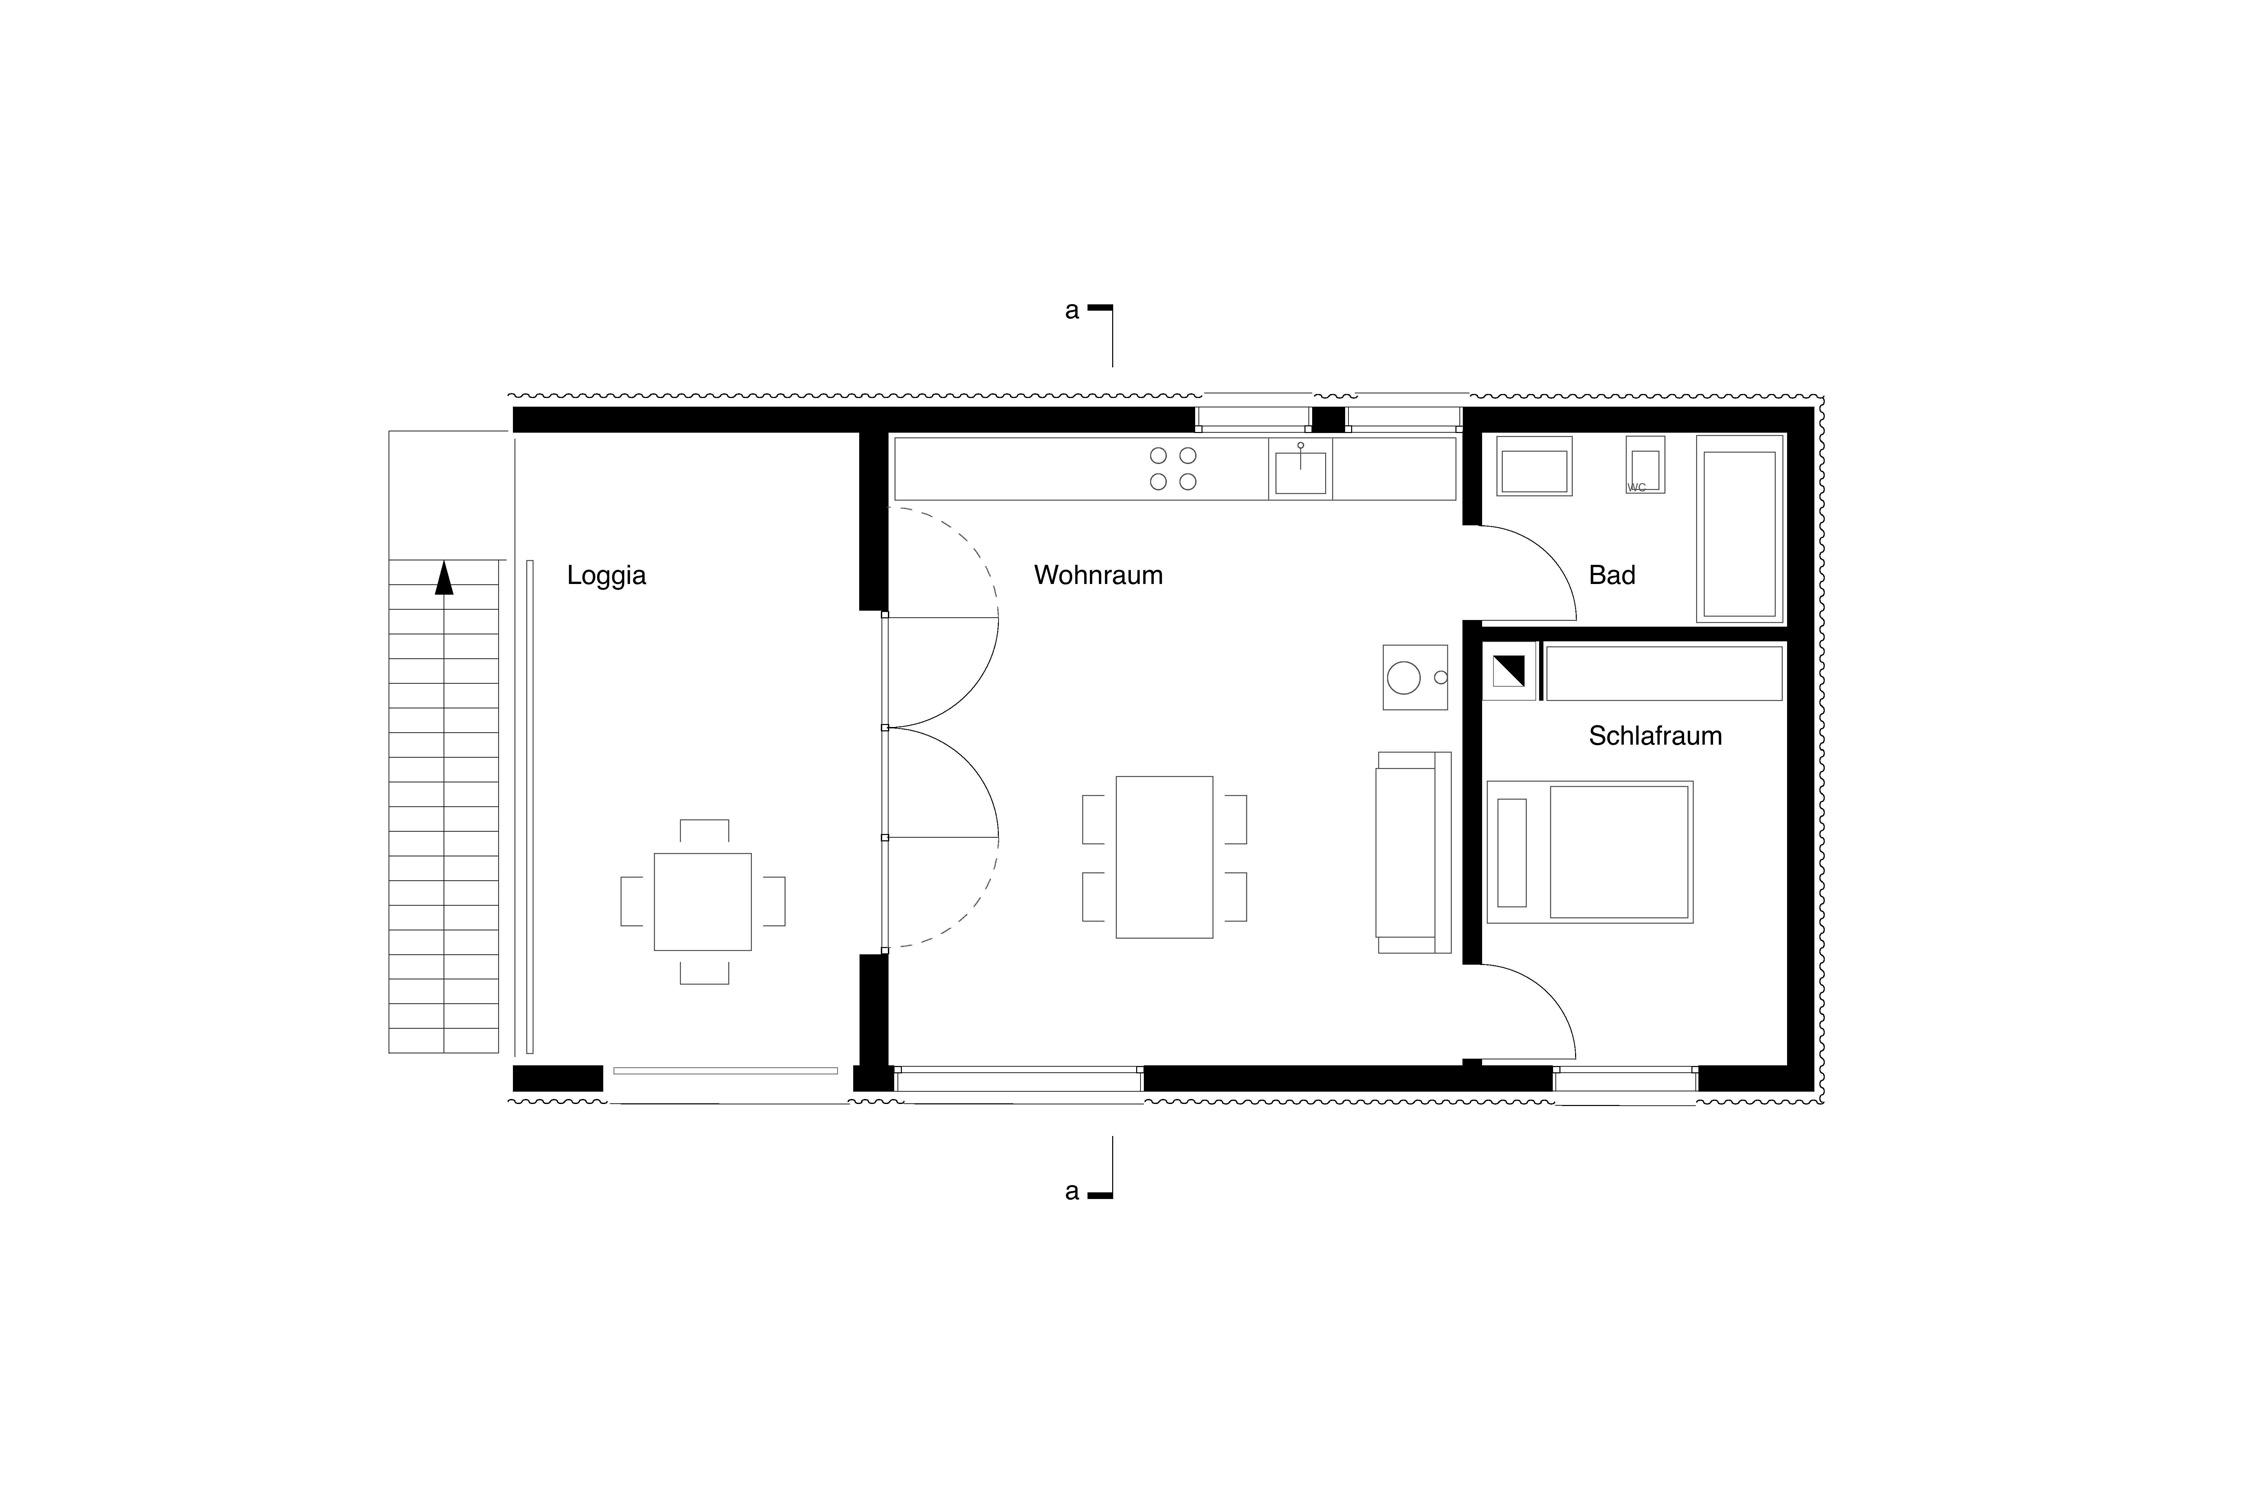 low budget haus low budget h user kosteng nstig bauen low budget haus projekte von pr mierten. Black Bedroom Furniture Sets. Home Design Ideas